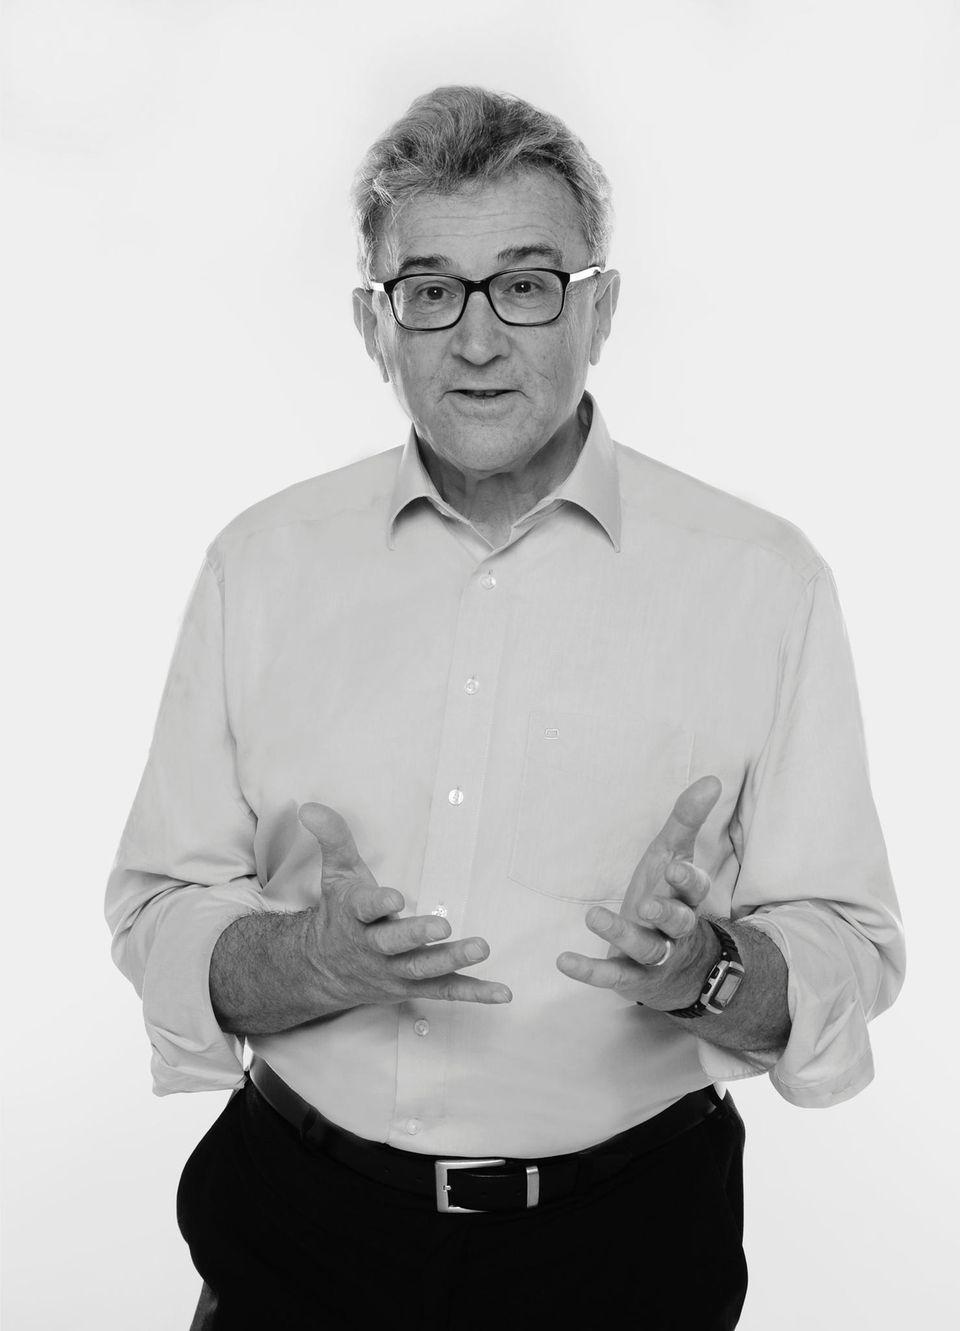 David Wilchfort arbeitet seit über 40 Jahren als Paartherapeut in München